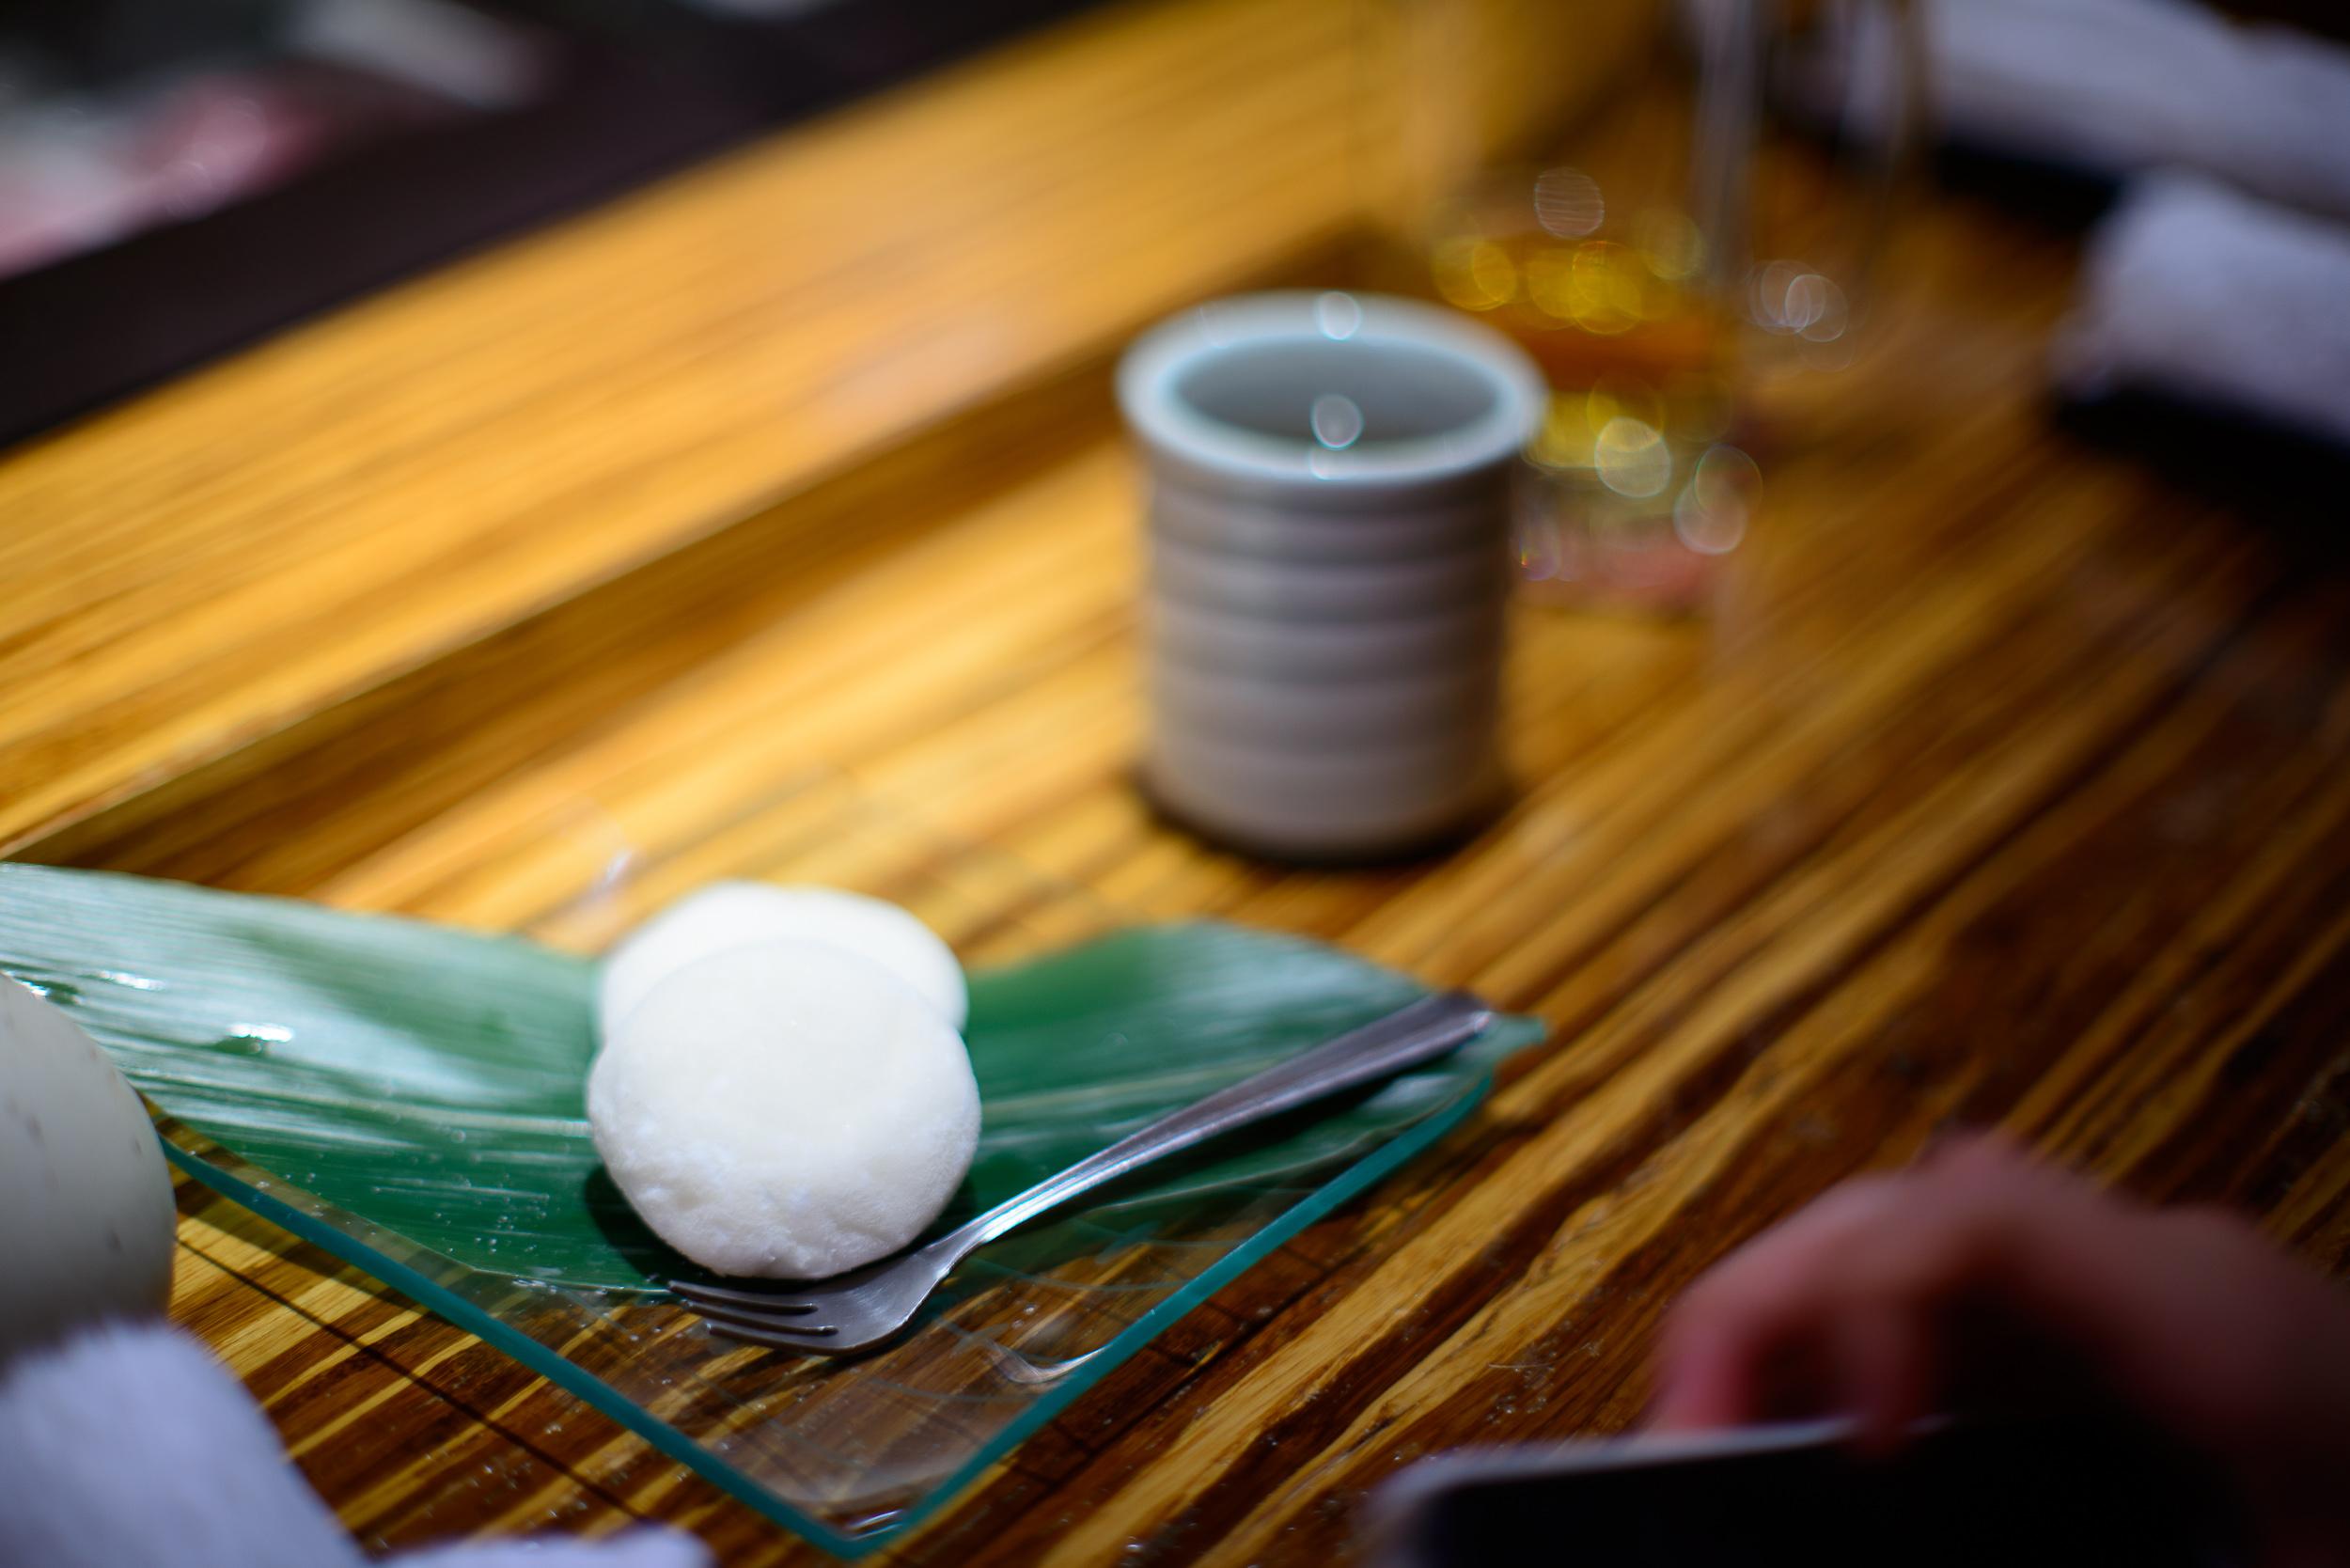 14th Course: Vanilla mochi